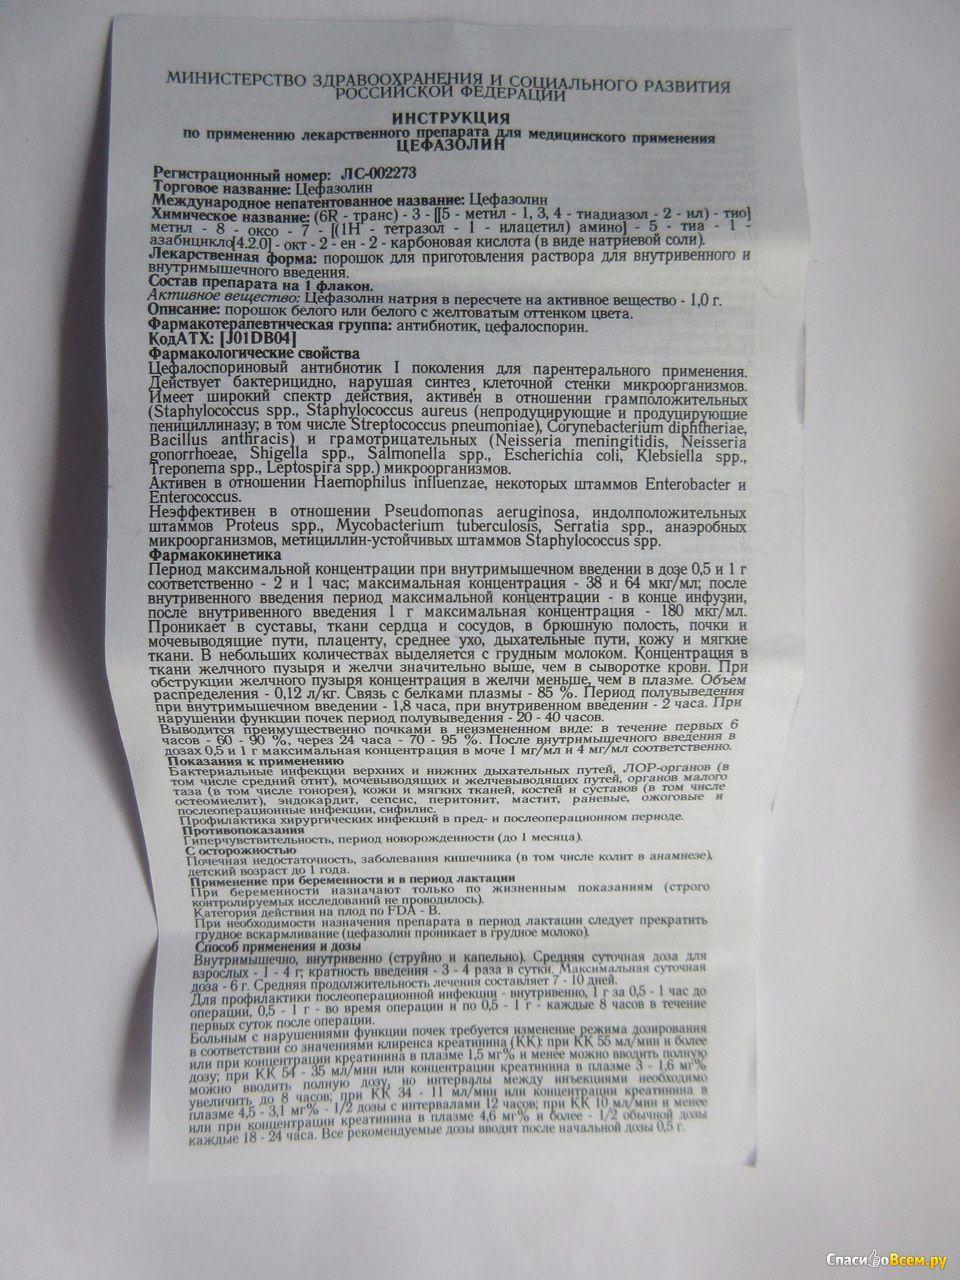 Показания и инструкция по применению препарата цефазолин